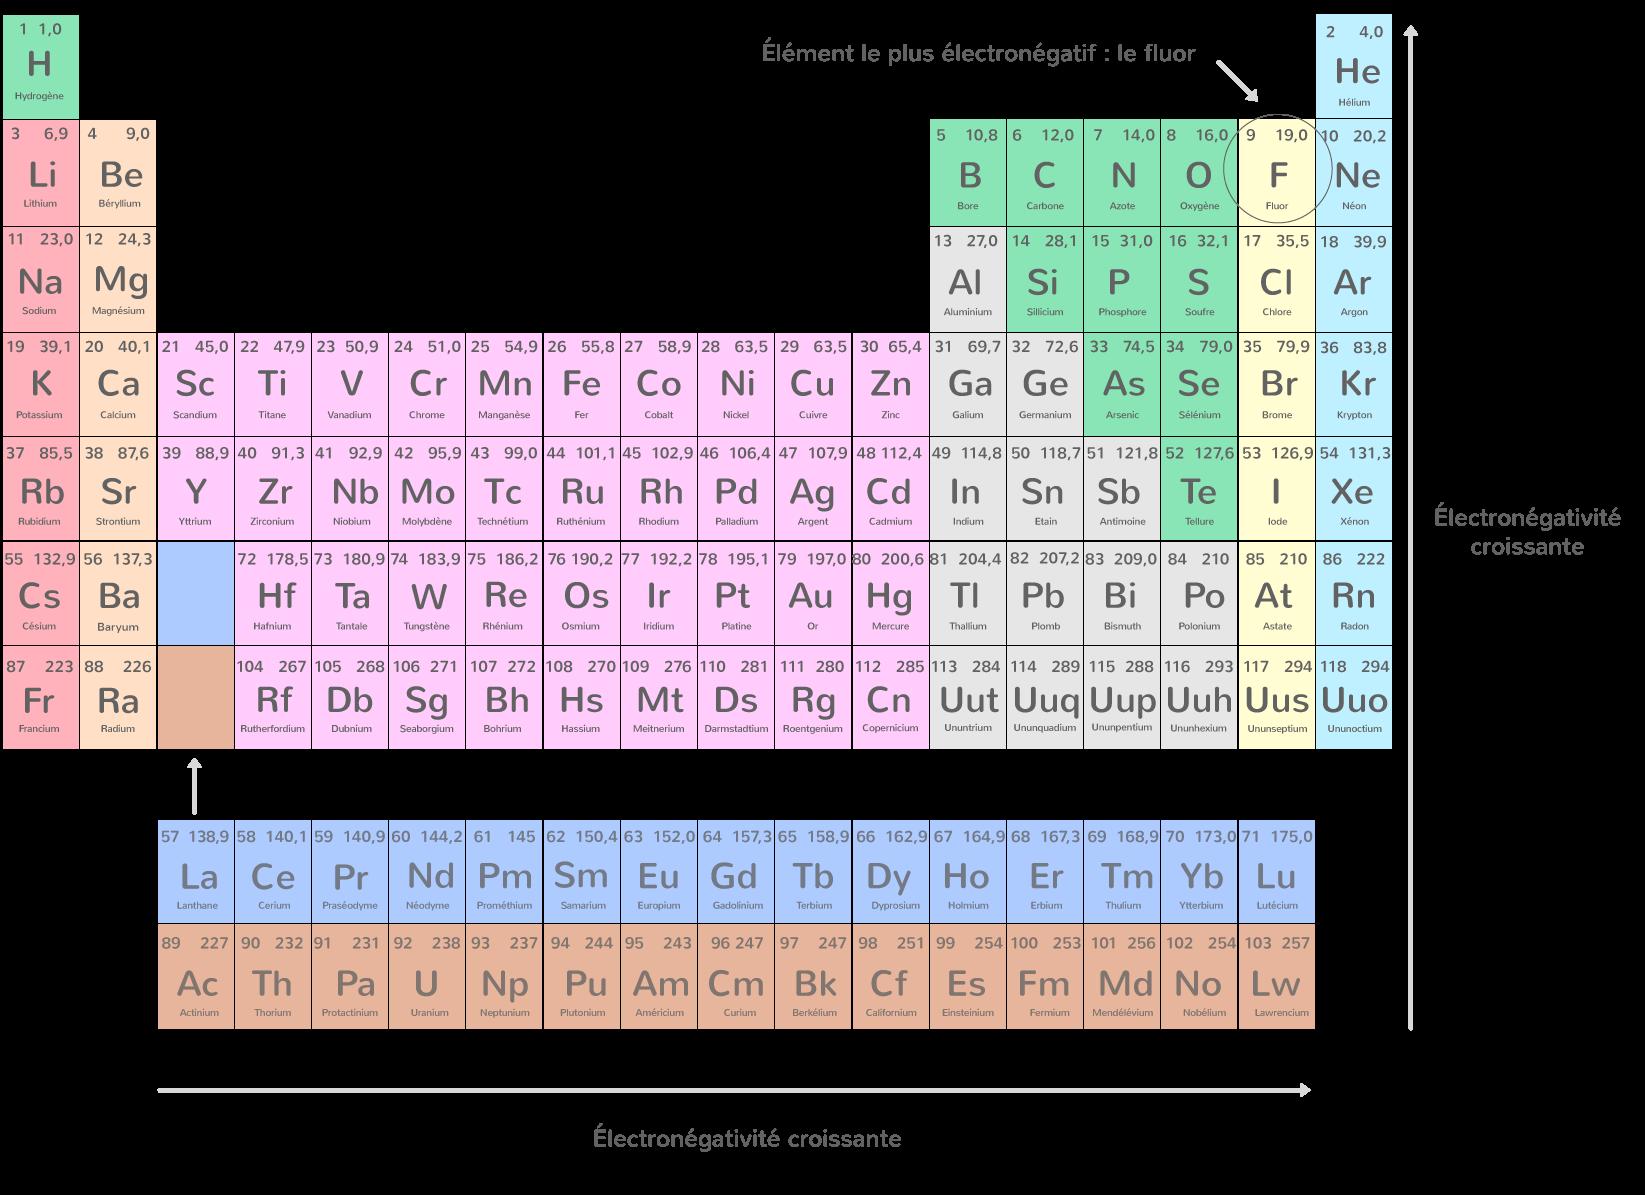 Évolution de l'électronégativité dans le tableau périodique des éléments chimiques